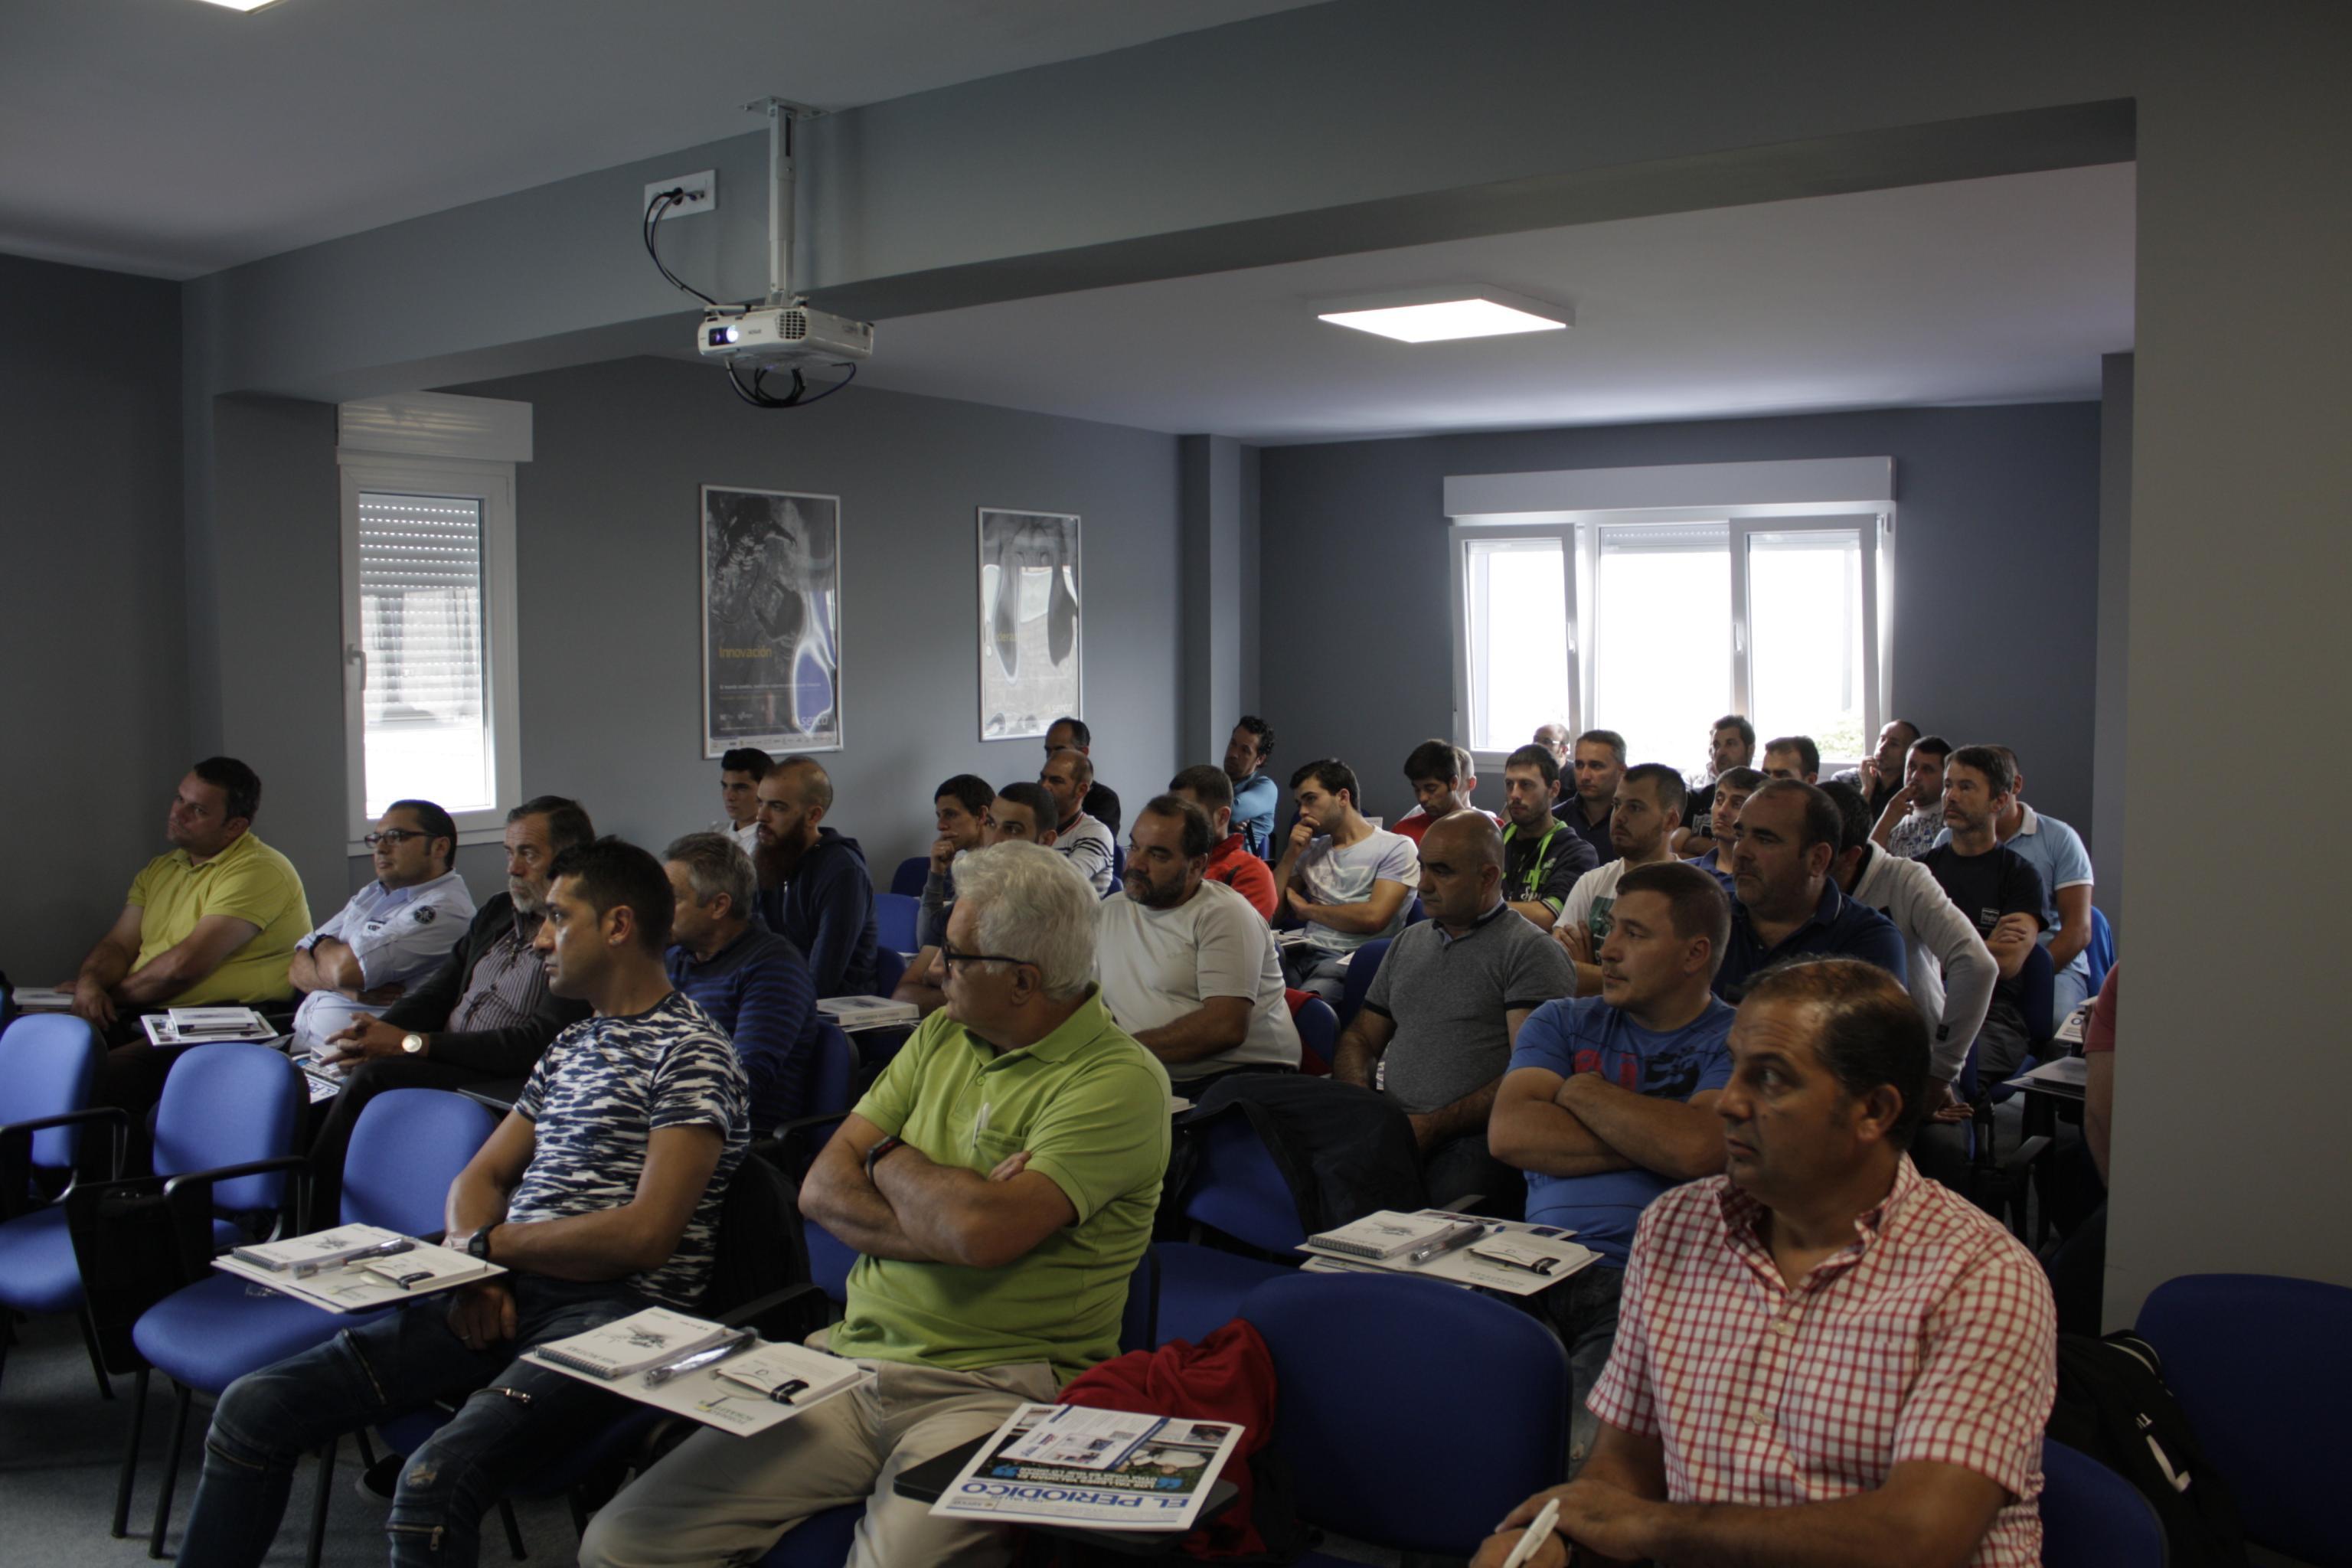 Recambios Ochoa Jornada Técnica Transmisión LUK Schaeffler OURENSE VIGO CAMBADOS (1).jpg